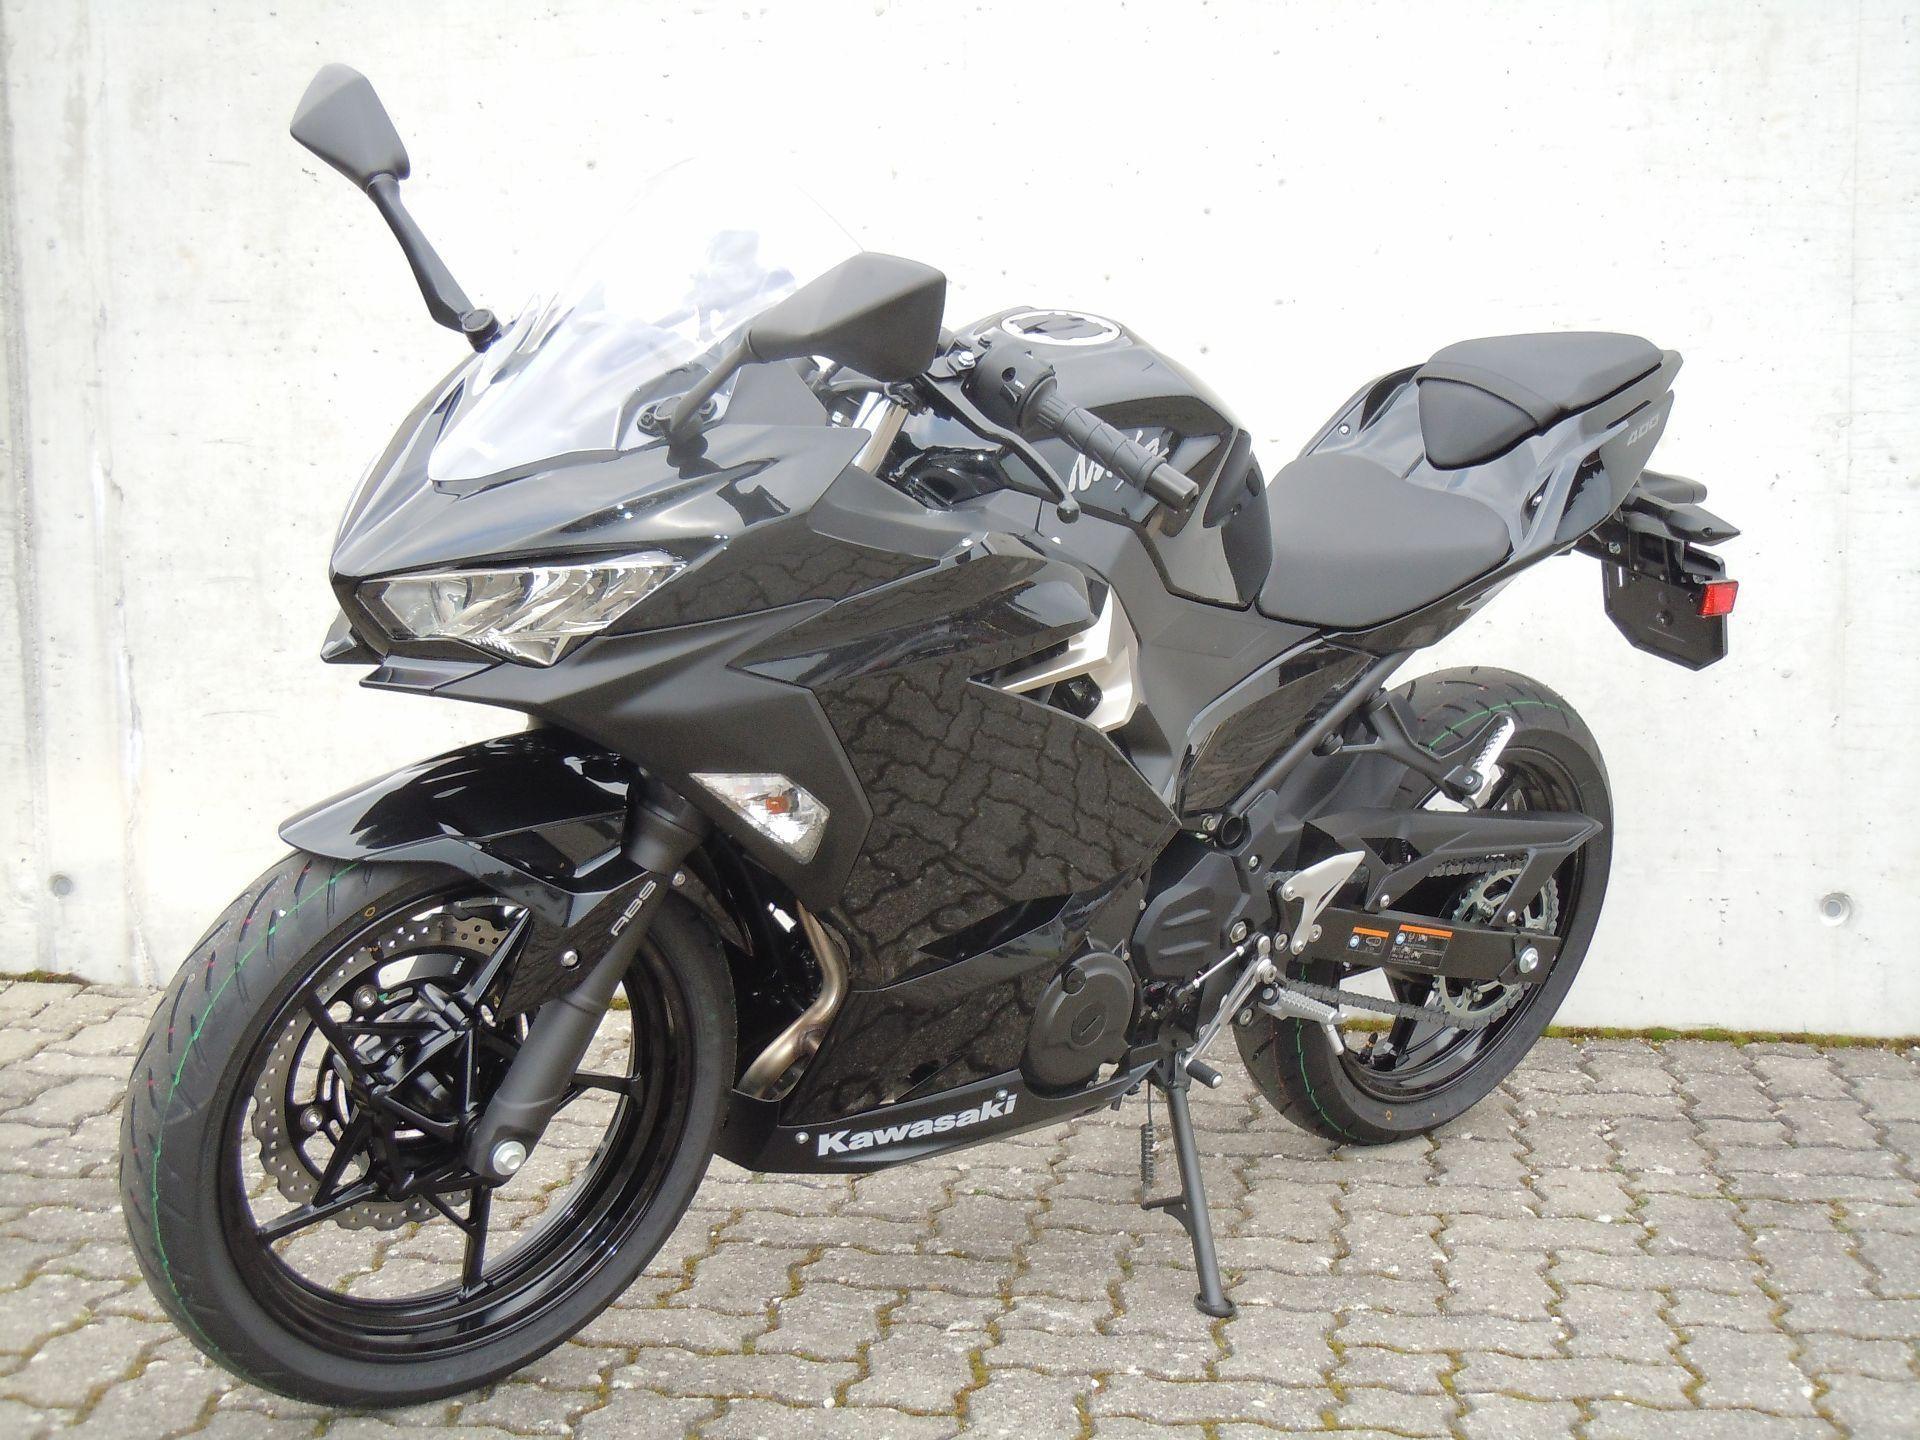 moto neuve acheter kawasaki ninja 400 abs rolf gall superbikes ag b tzberg id 4805034. Black Bedroom Furniture Sets. Home Design Ideas